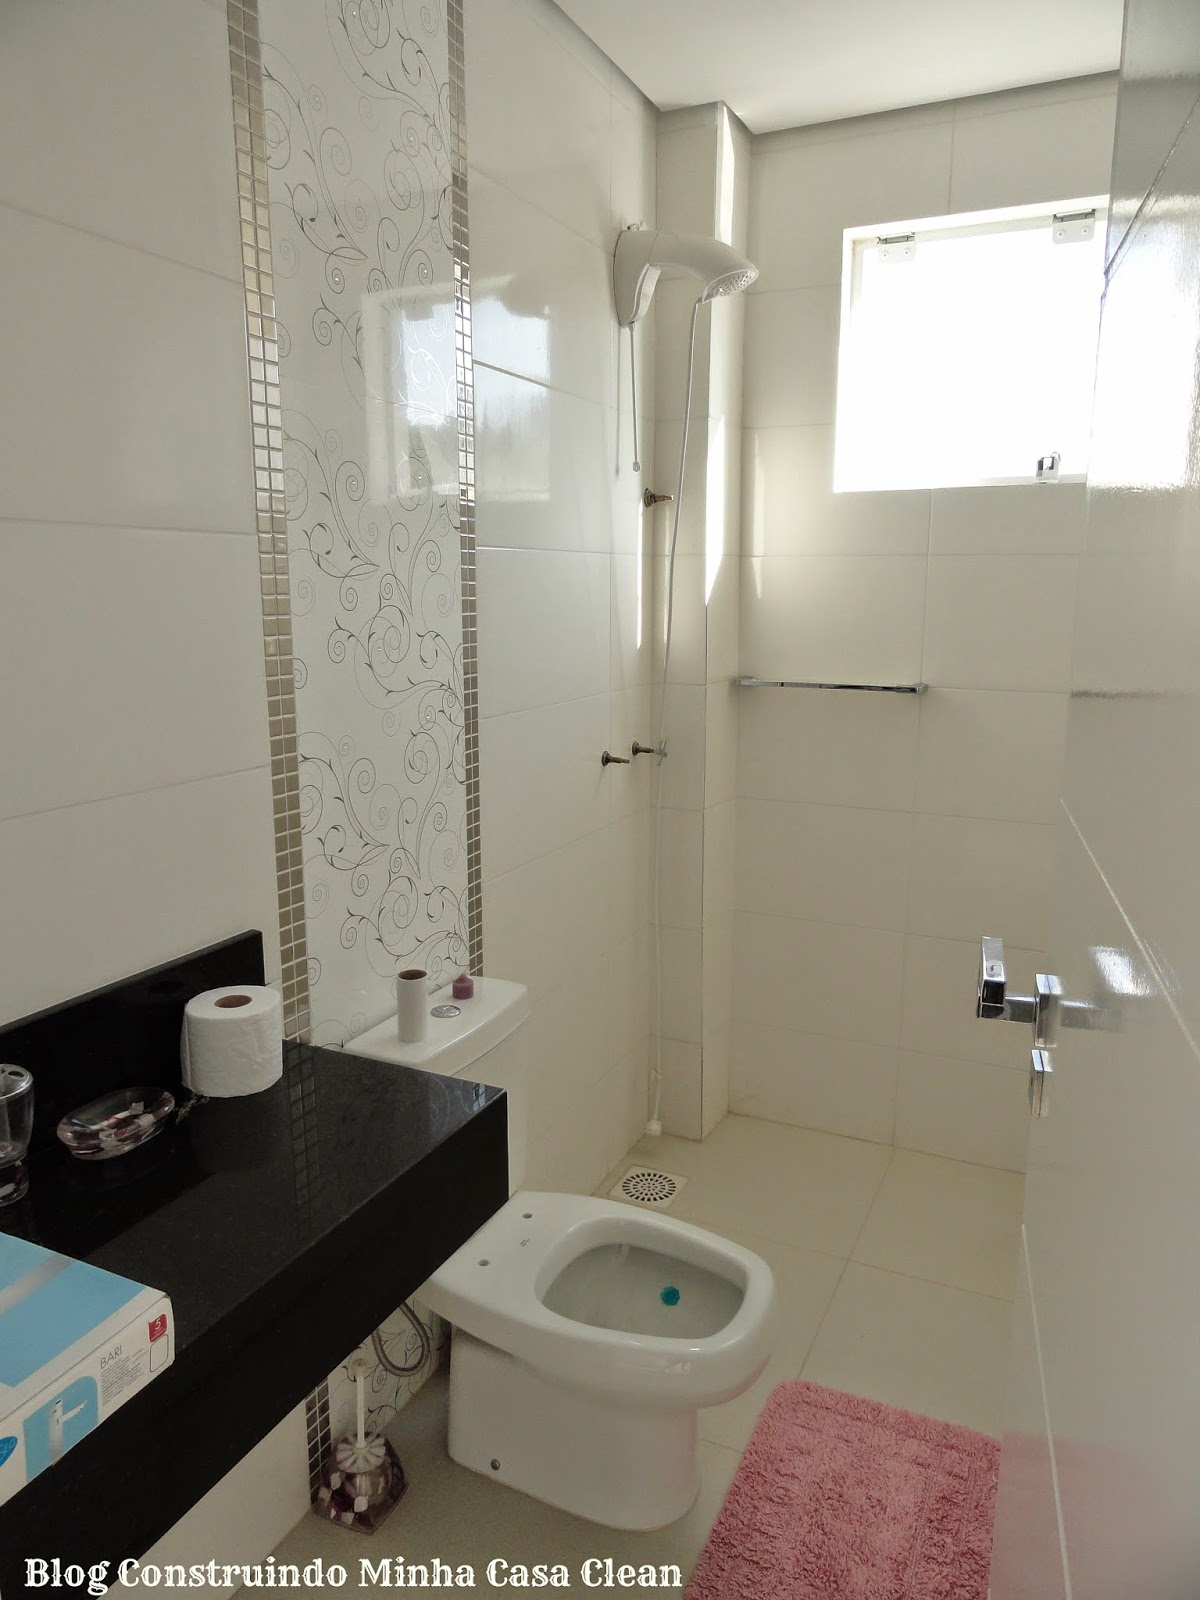 Imagens de #416B78 Construindo Minha Casa Clean: Meus Pisos Porcelanato e Laminado! O que  1200x1600 px 3604 Banheiros Super Simples